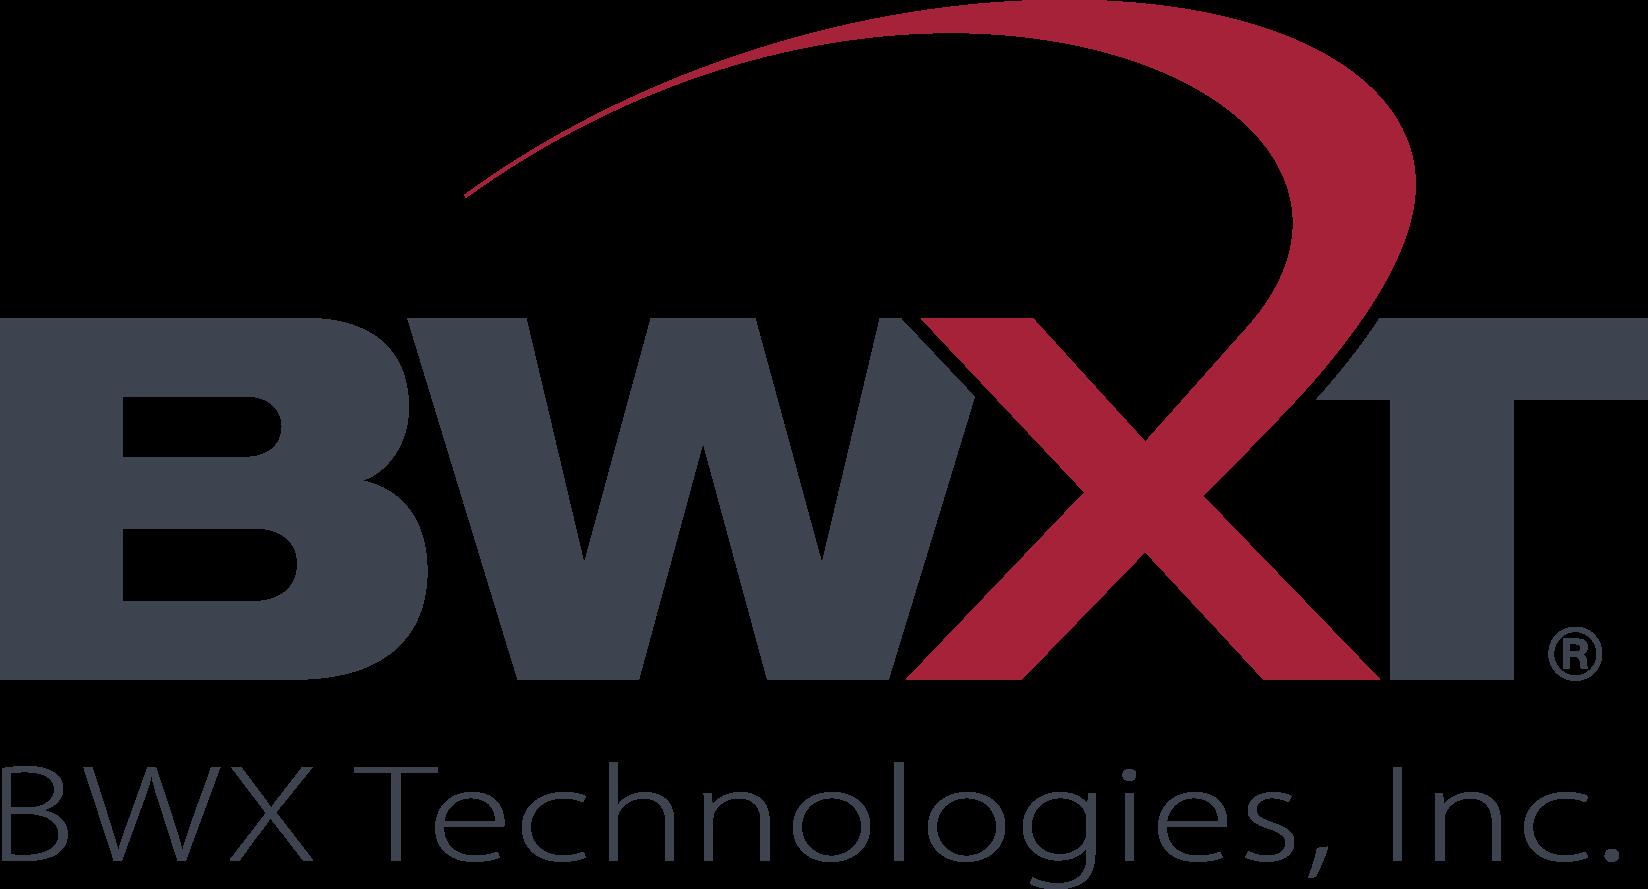 BWX Technologies, Inc